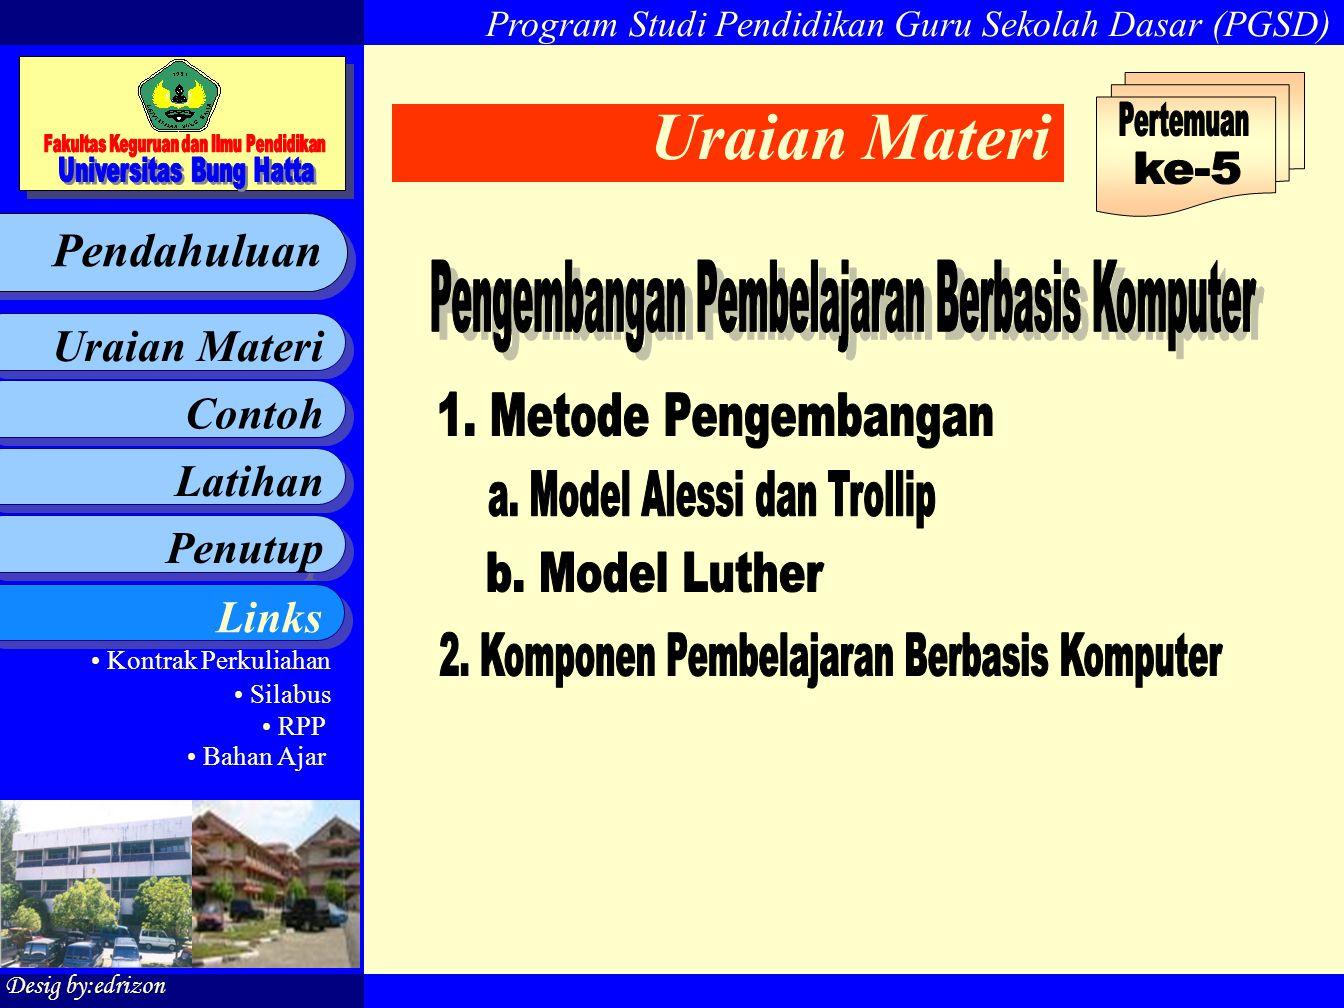 Uraian Materi Pertemuan ke-5